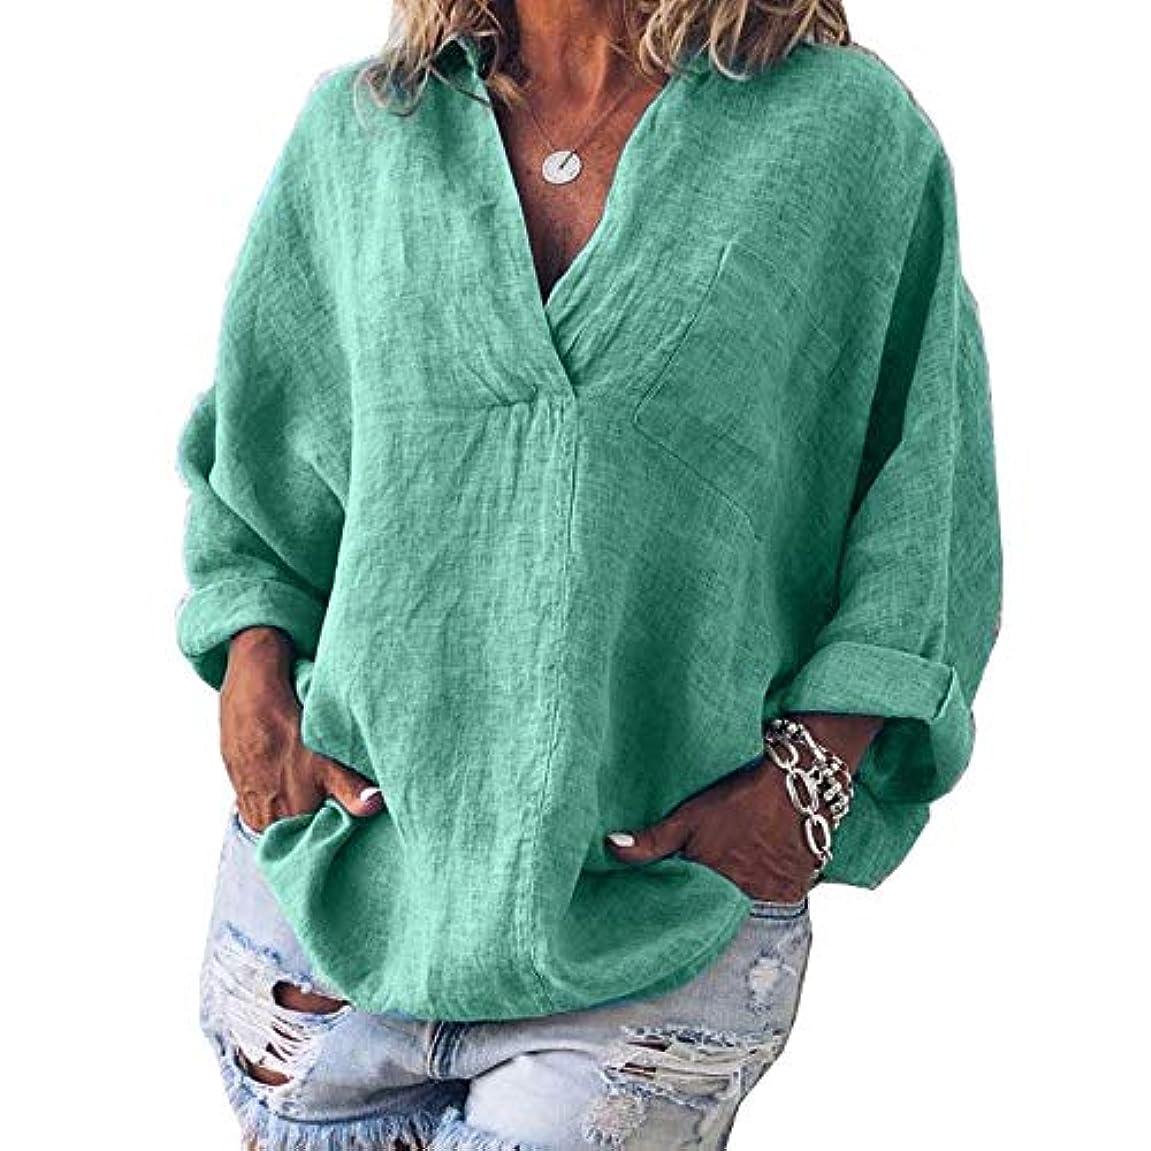 好戦的なメーカー回転MIFAN女性ファッション春夏チュニックトップス深いVネックTシャツ長袖プルオーバールーズリネンブラウス